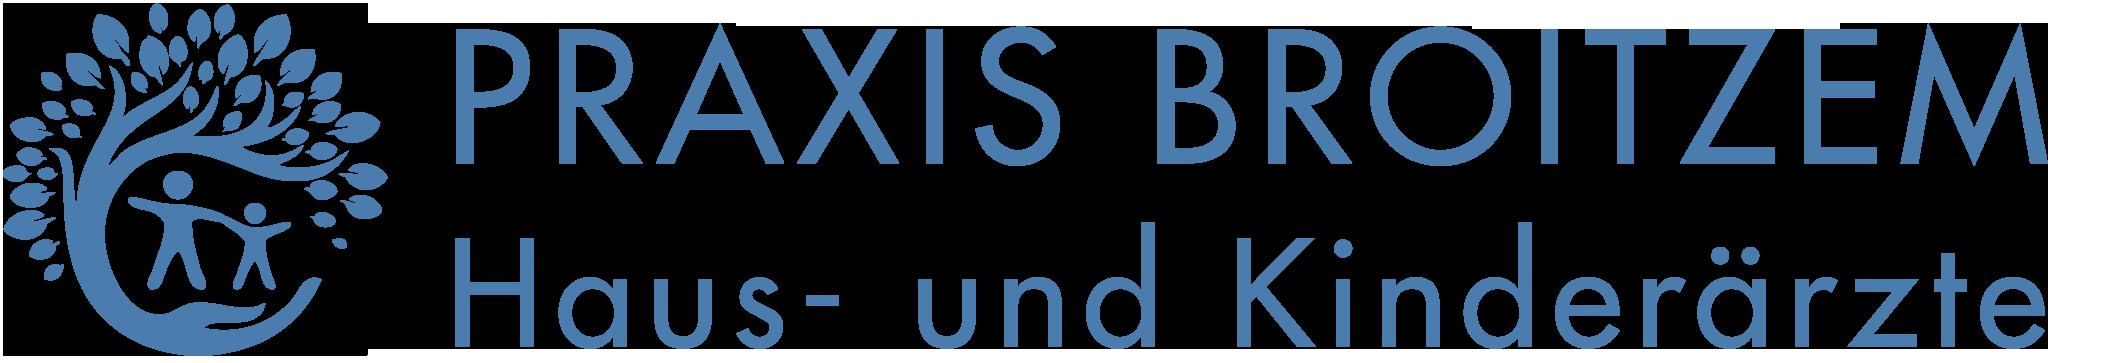 Logo-Broitzem-E6